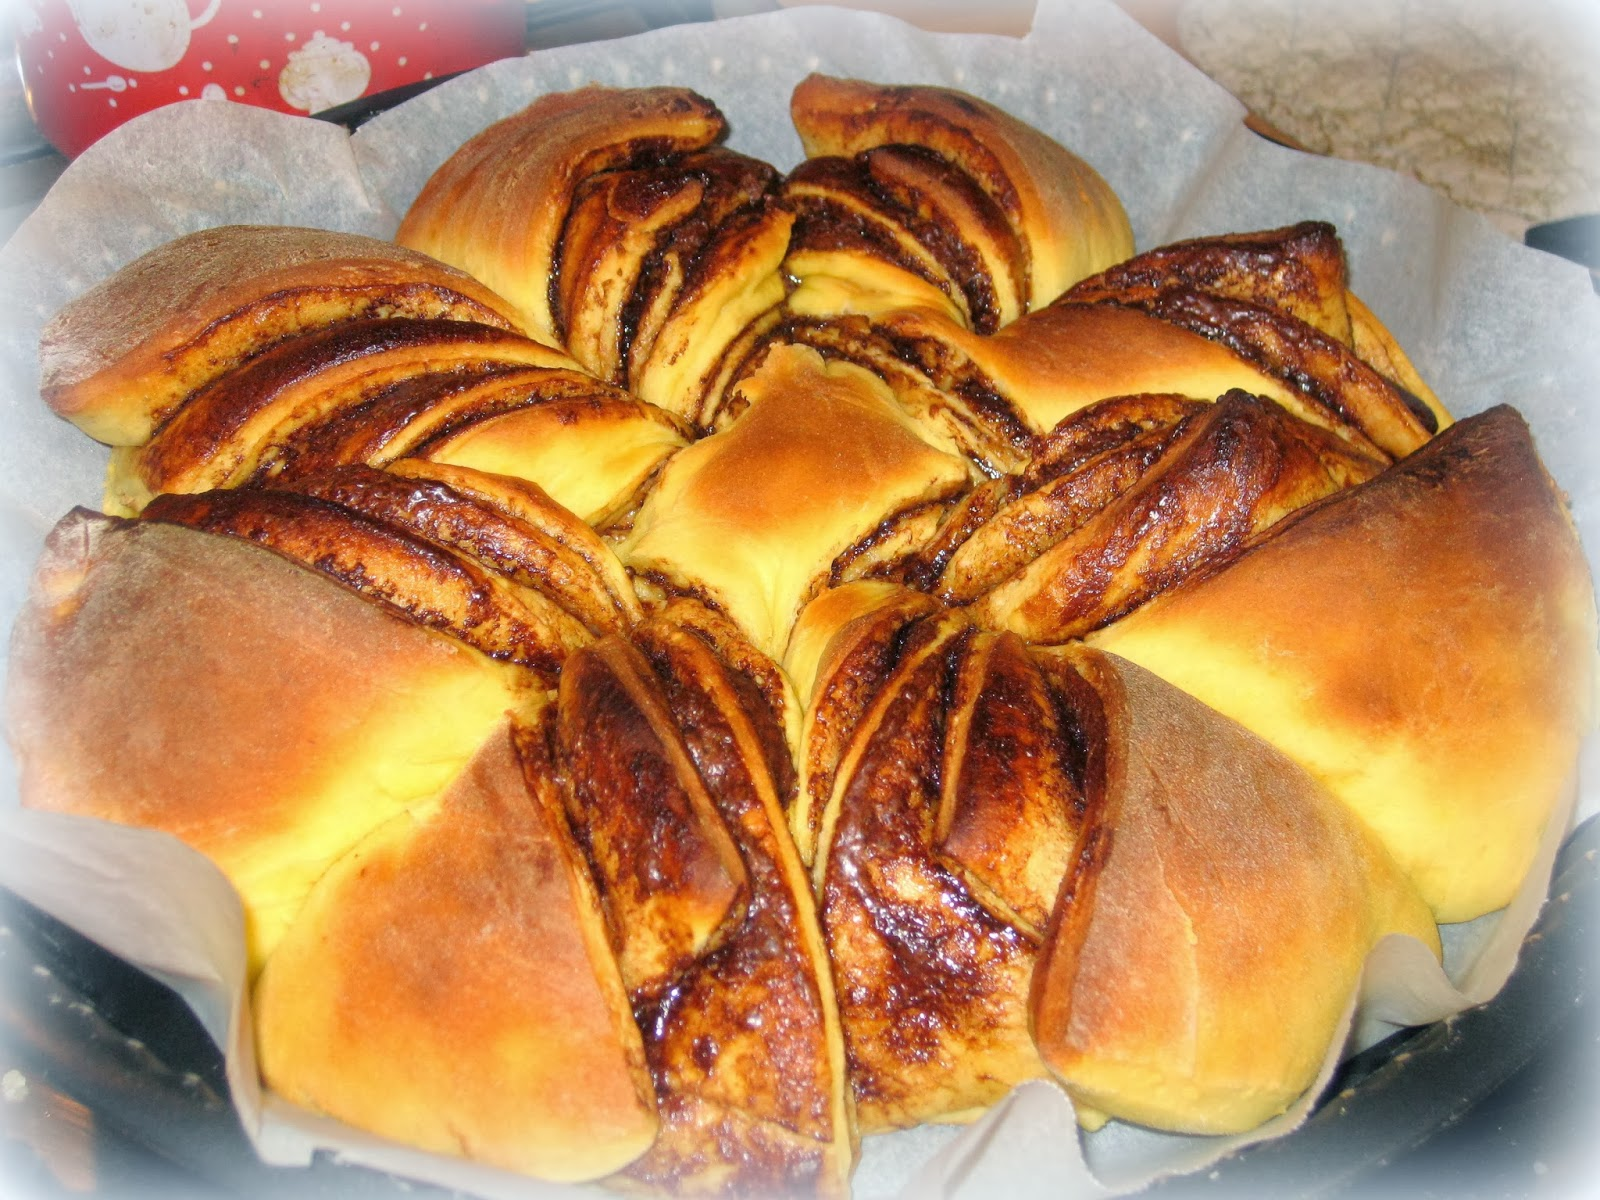 La ricetta dolce del Pan Brioches alla Nutella è morbida, bella da presentare e davvero golosa. Perfetta per festeggiare un compleanno.